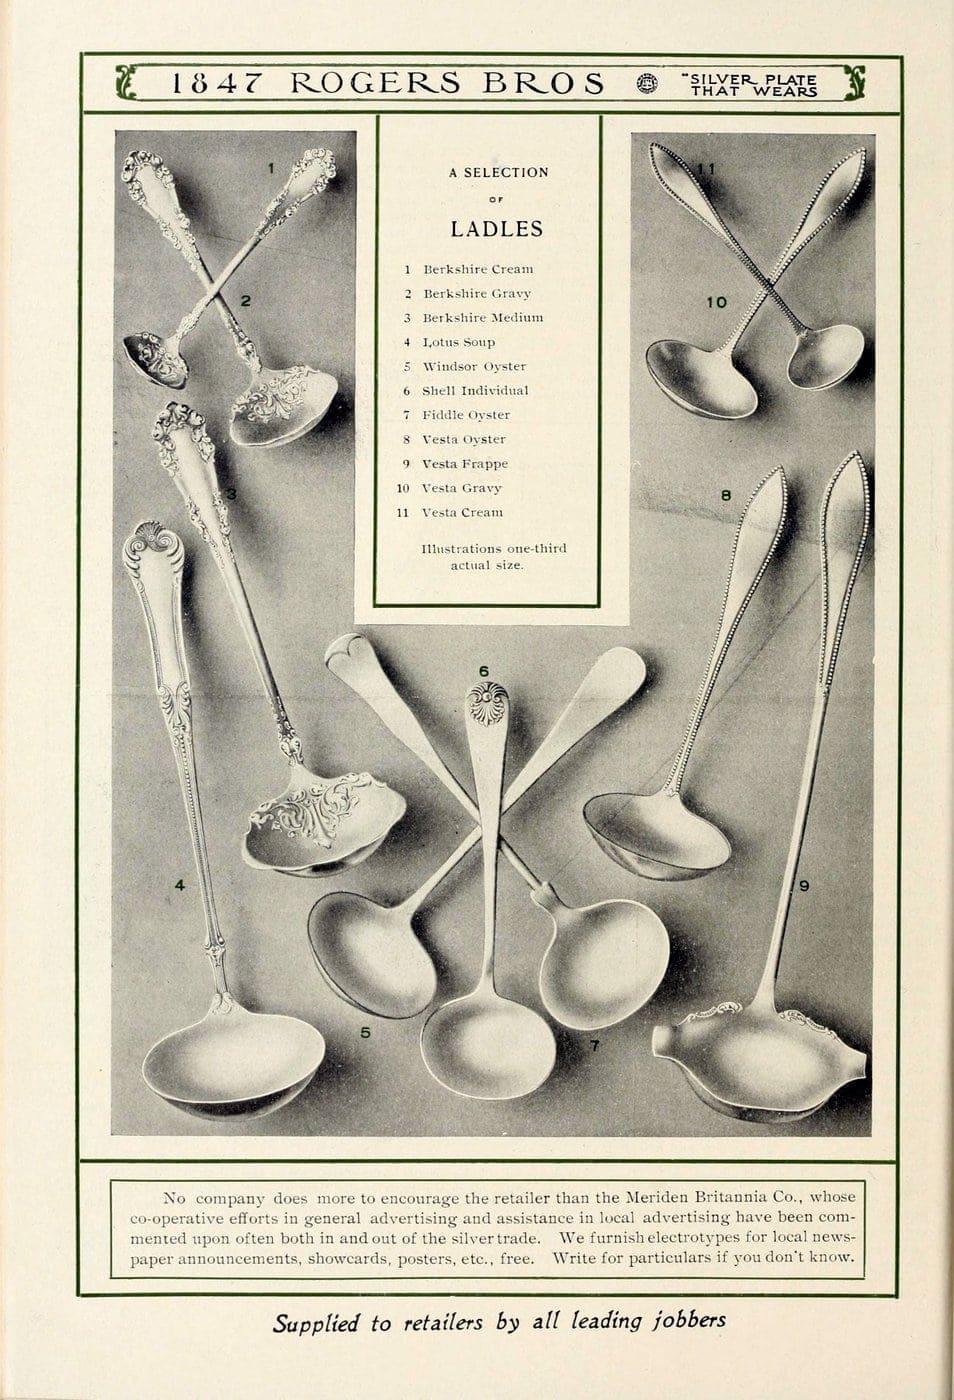 1847 Rogers Bros silver pieces (13)